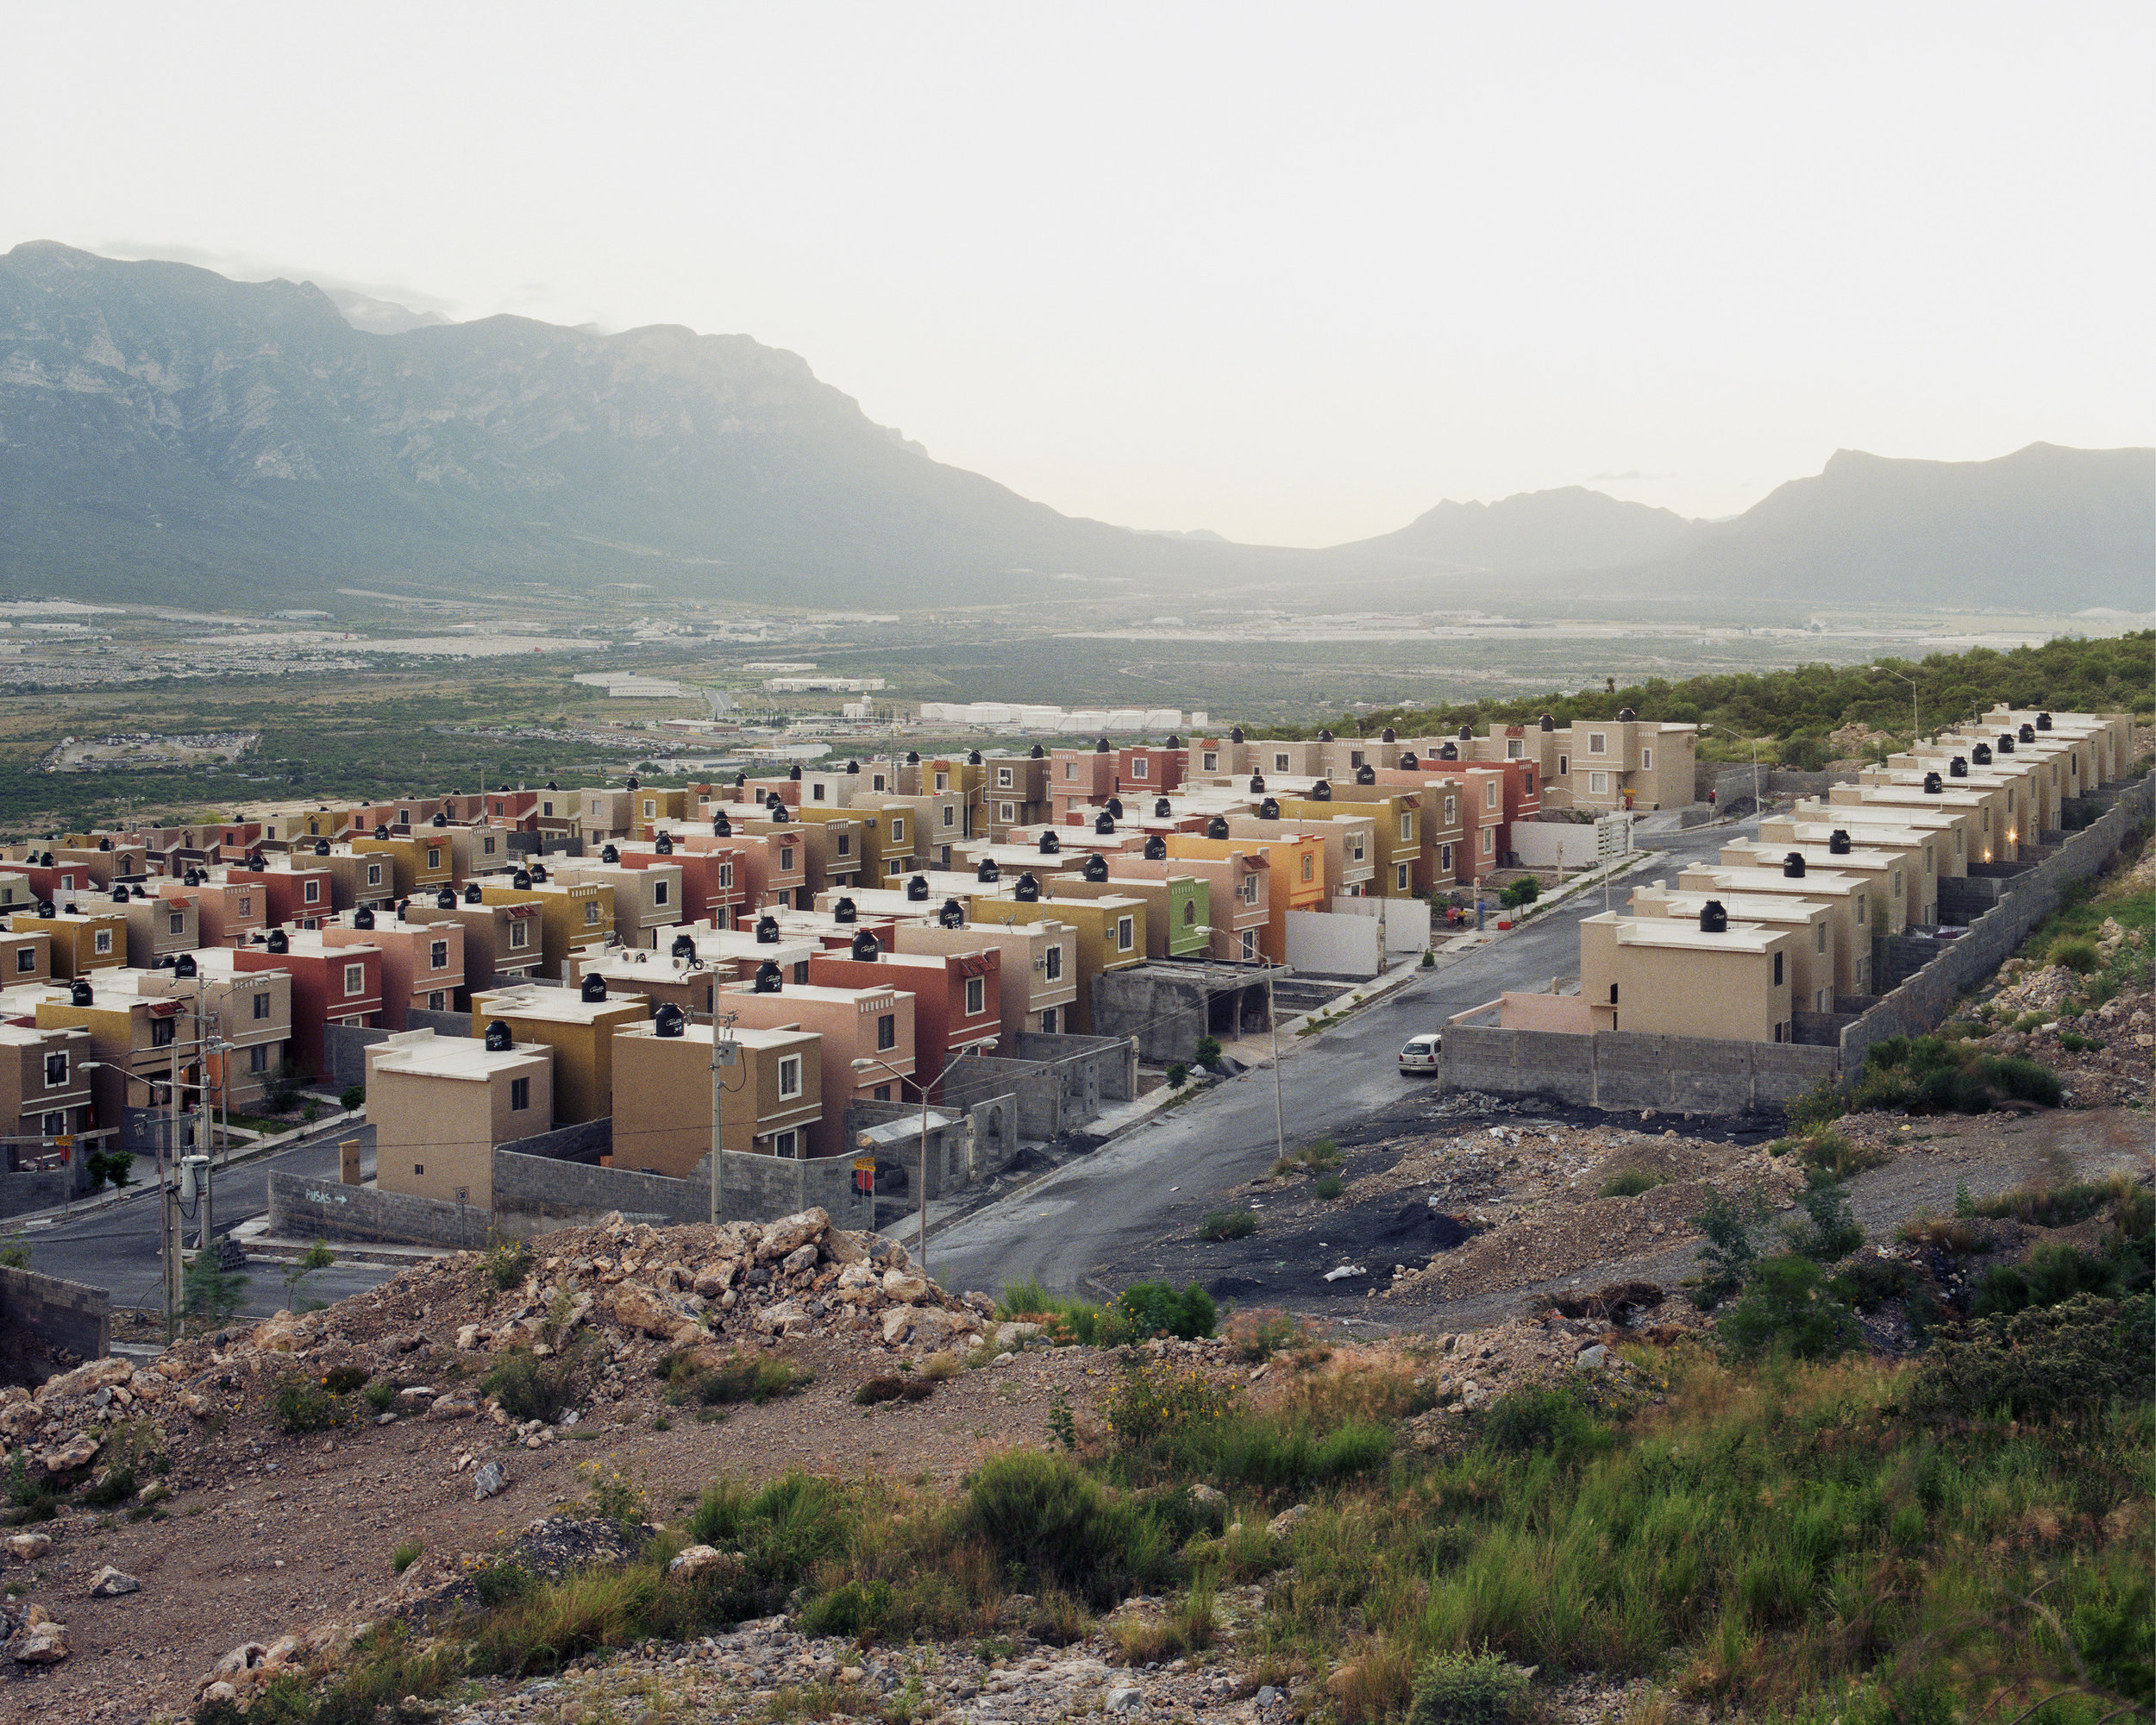 suburbia-mexicana-fragmented-cities-alejandro-cartagena-28.jpg